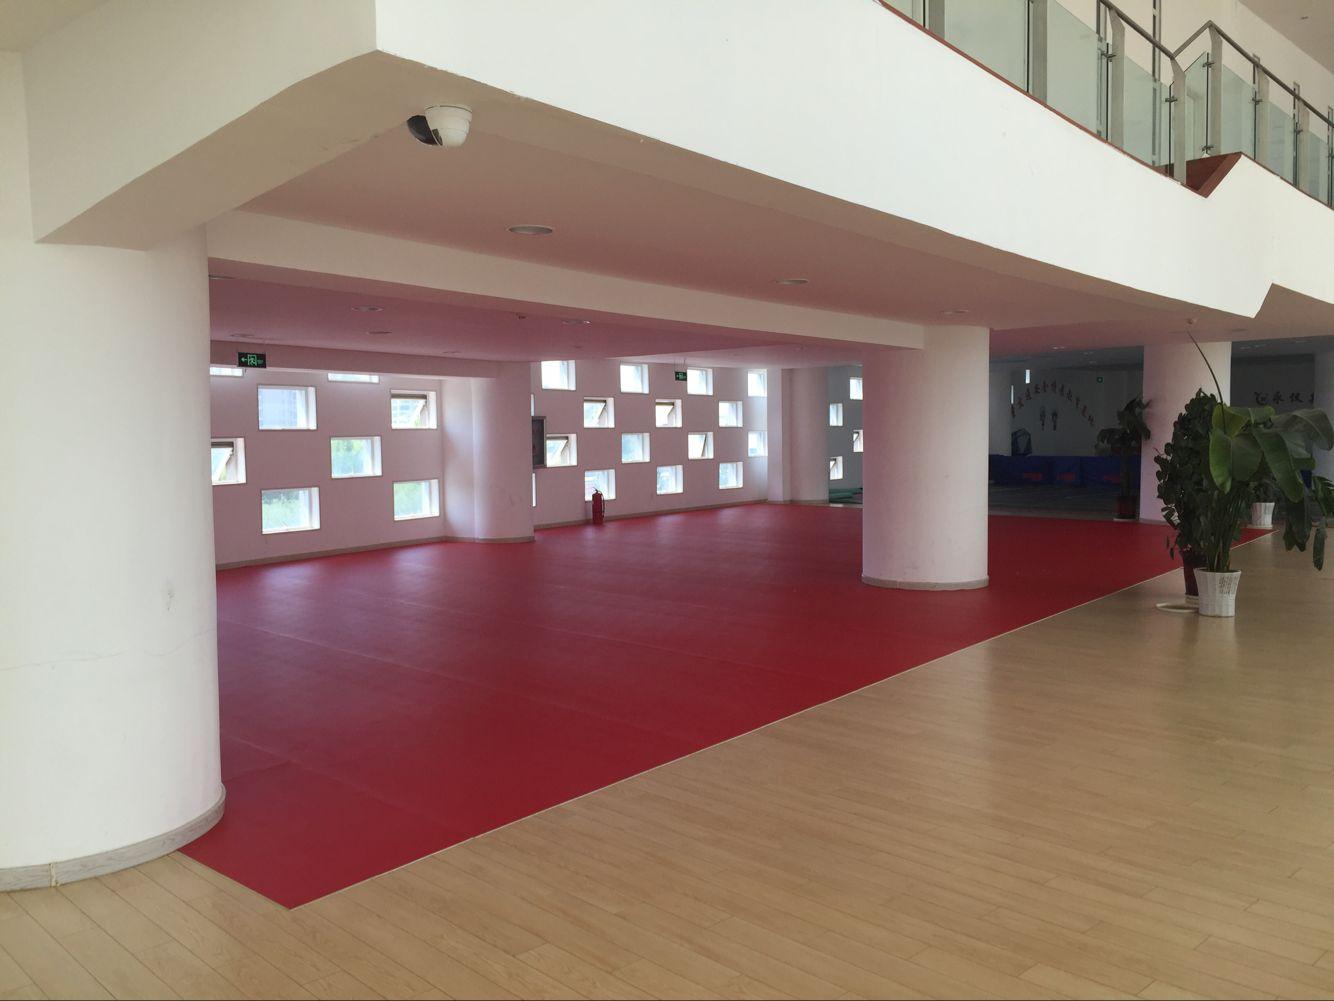 康巴什新区少年宫乒乓球地胶案例